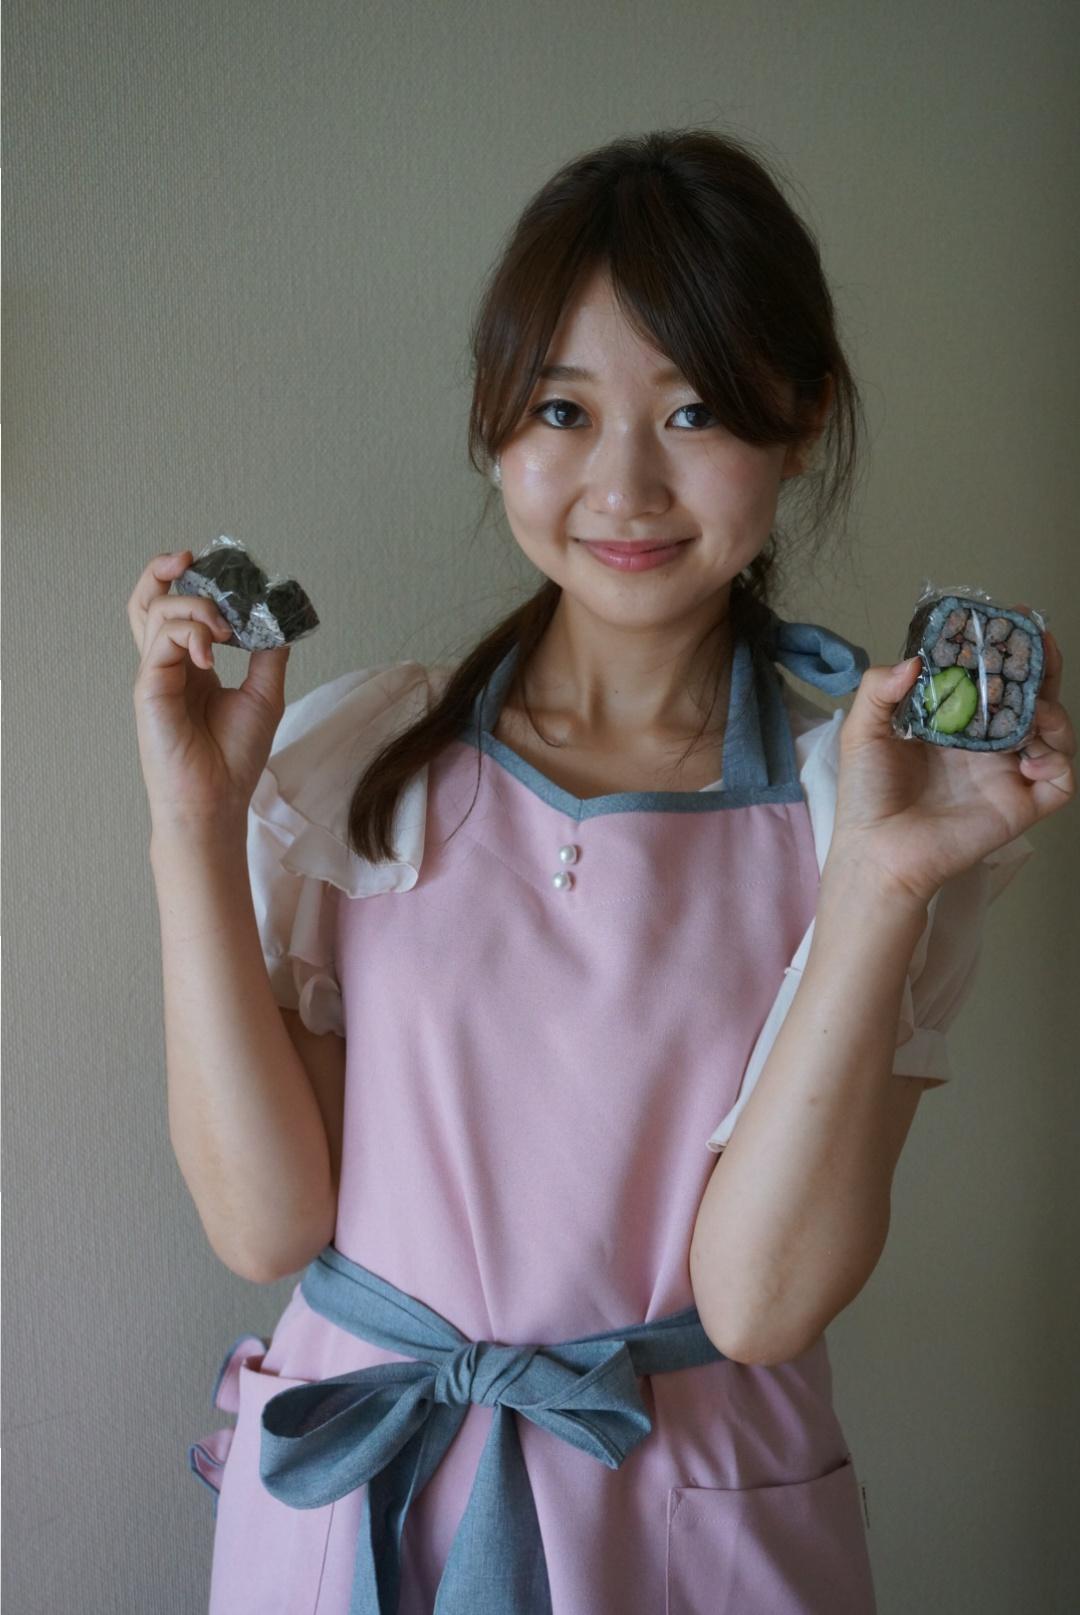 デコ巻き寿司インストラクター♡さちこ♡に習う季節を感じられる絶品デコ巻き寿司( ´ ▽ ` )ノ_1